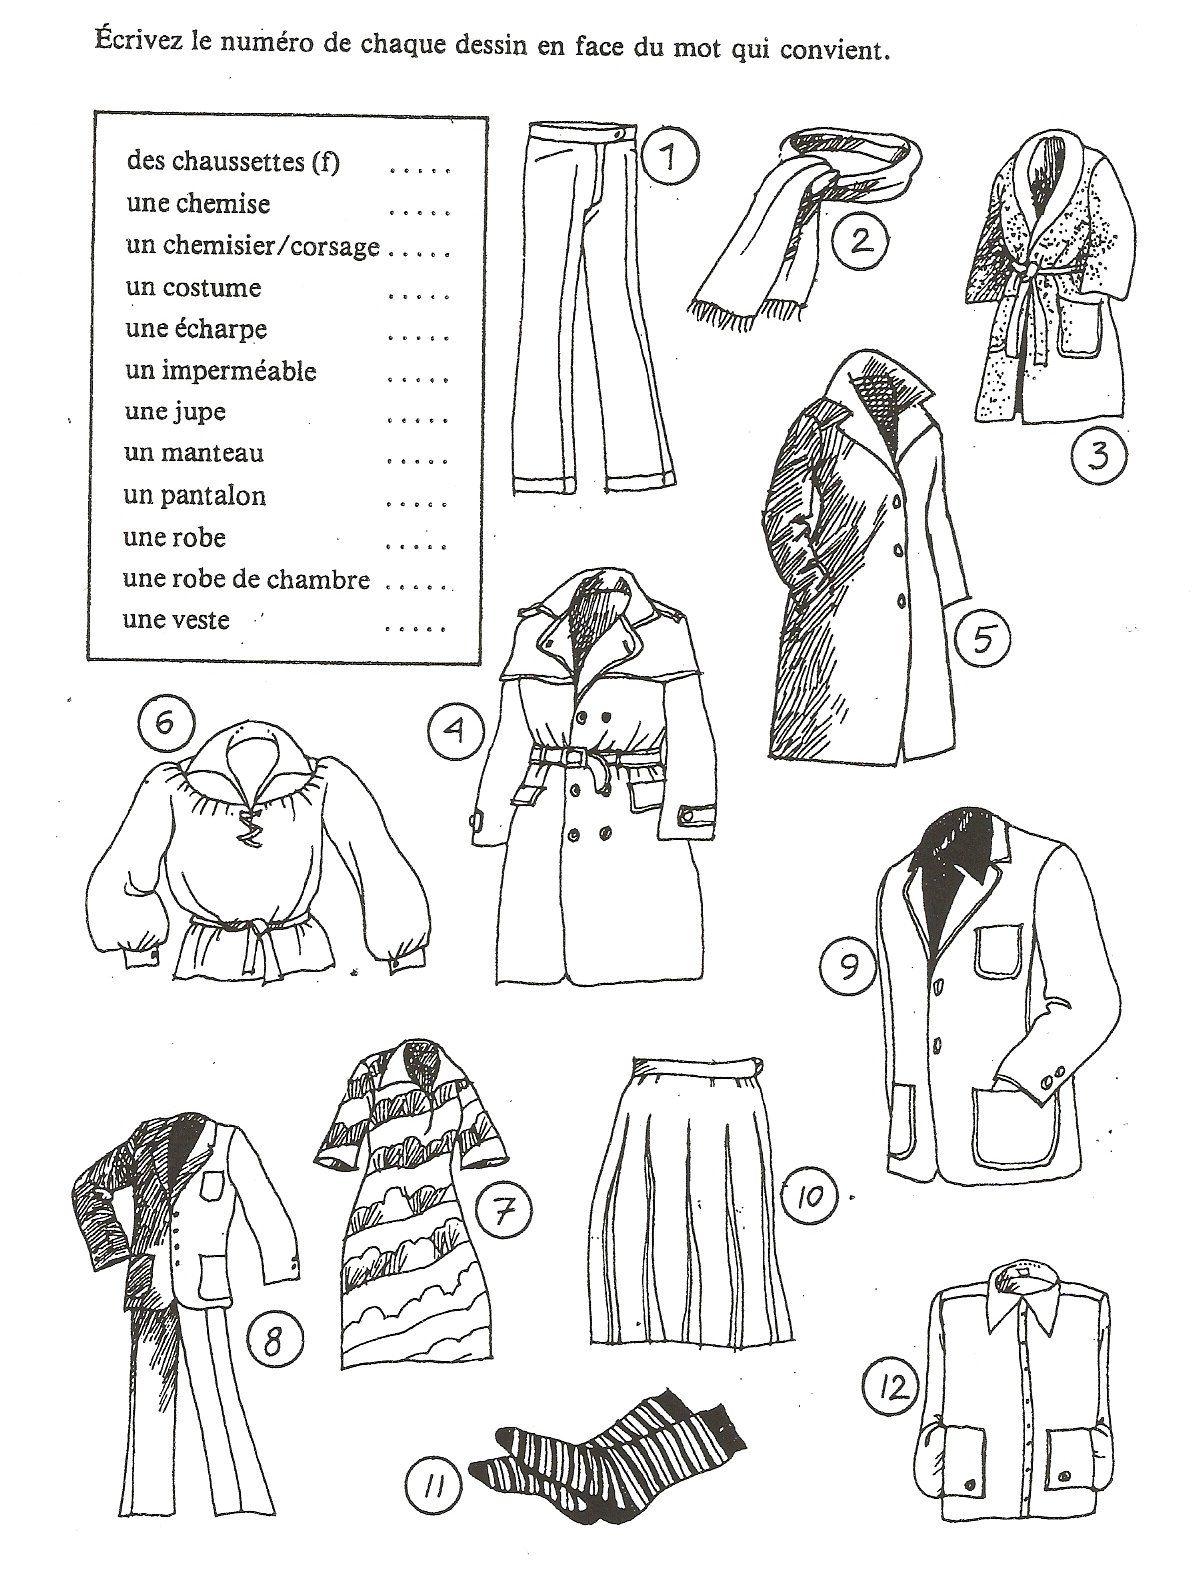 Exercice Les vêtements (Ecrire le num